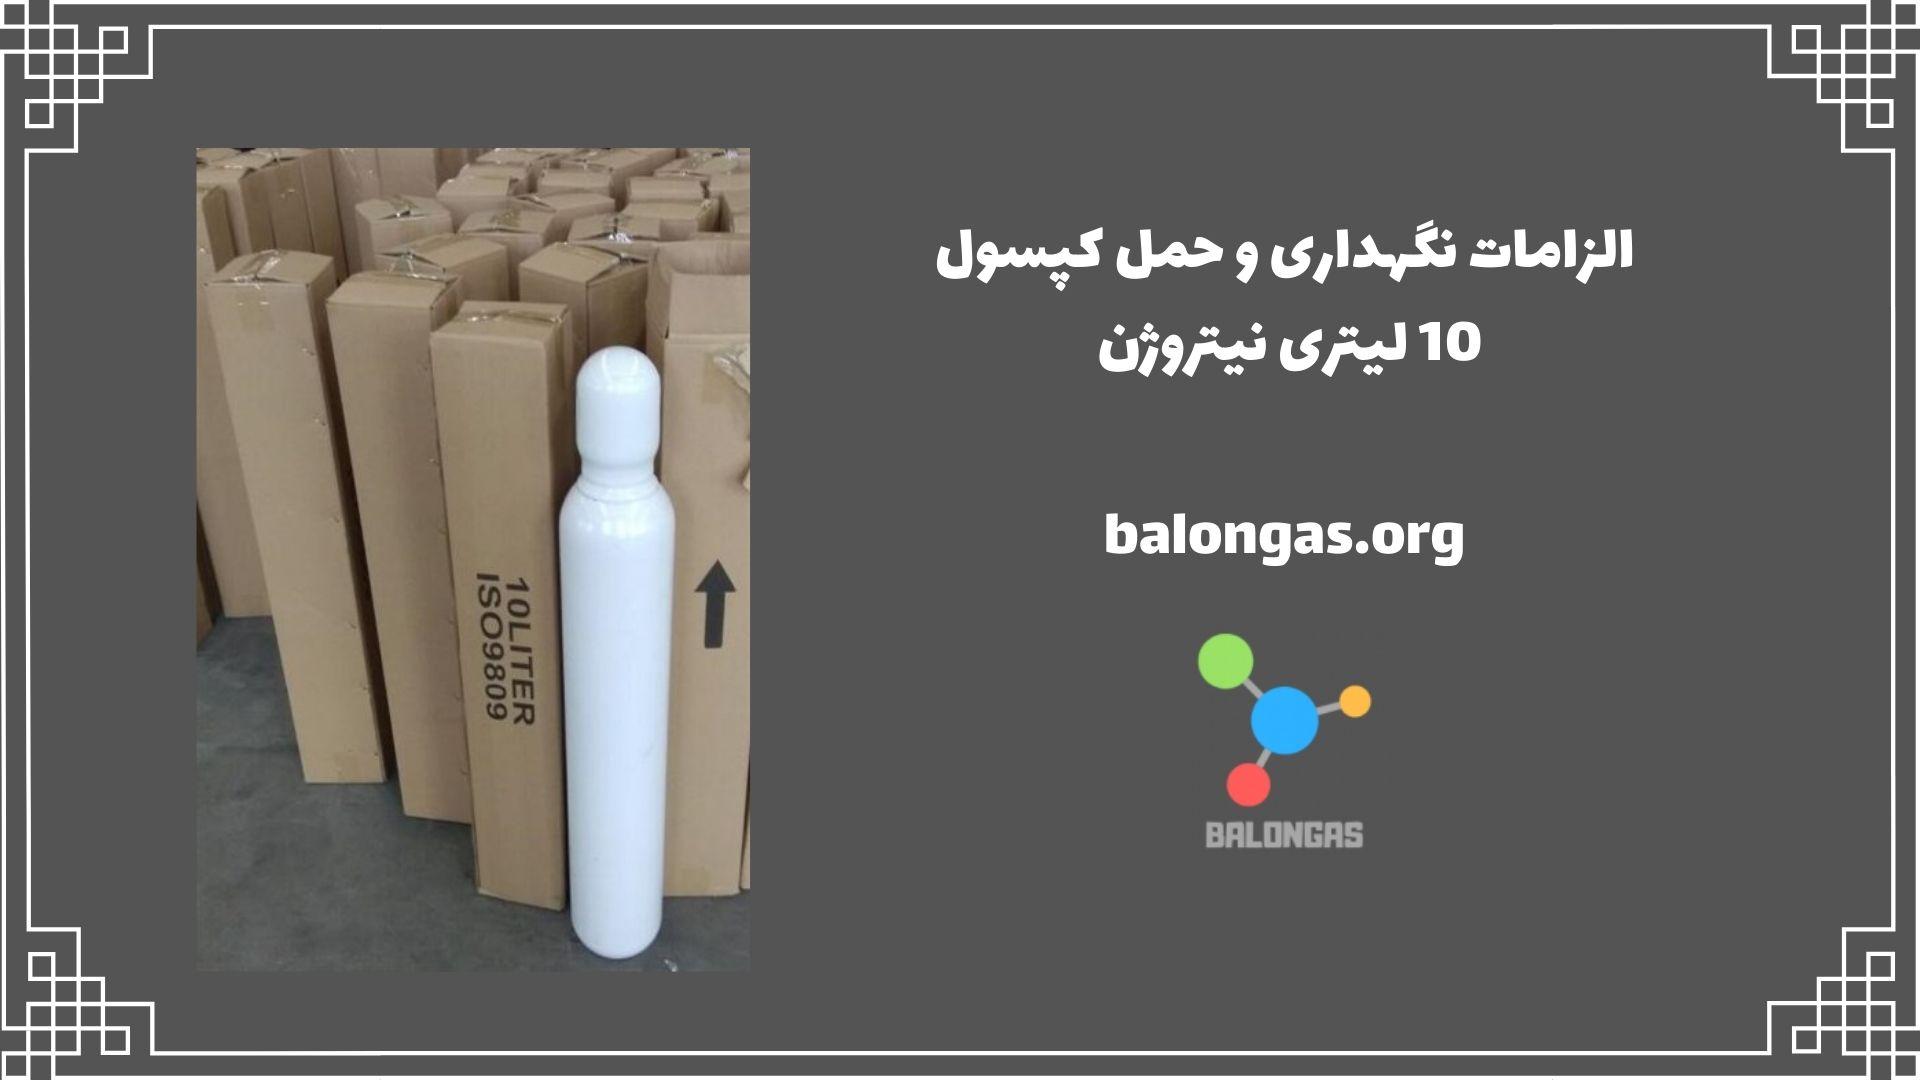 الزامات نگهداری و حمل کپسول 10 لیتری نیتروژن